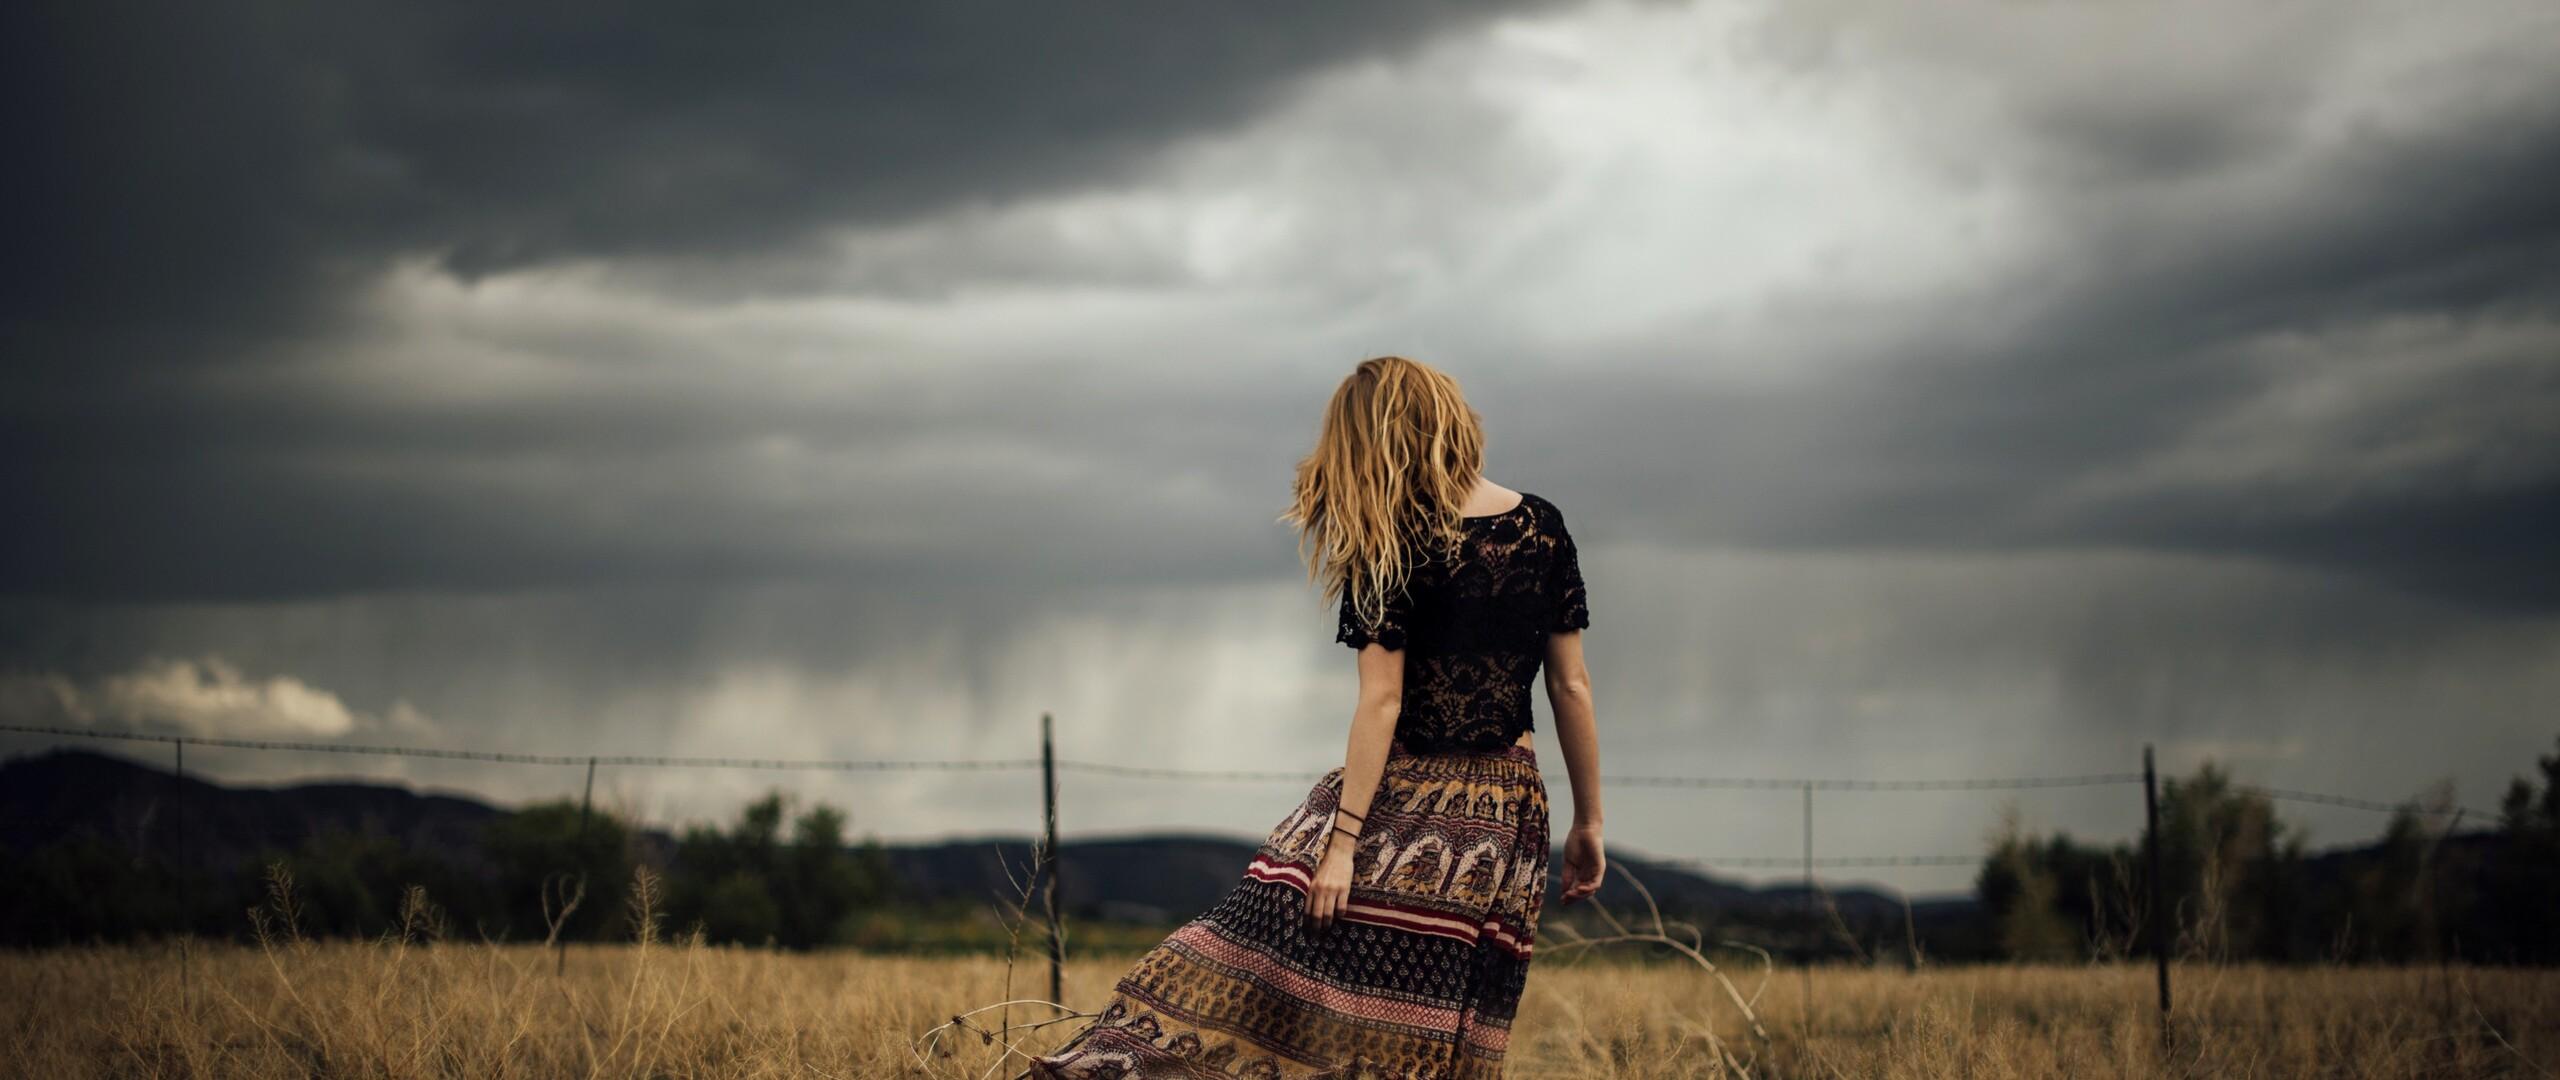 women-model-outdoor-fields.jpg